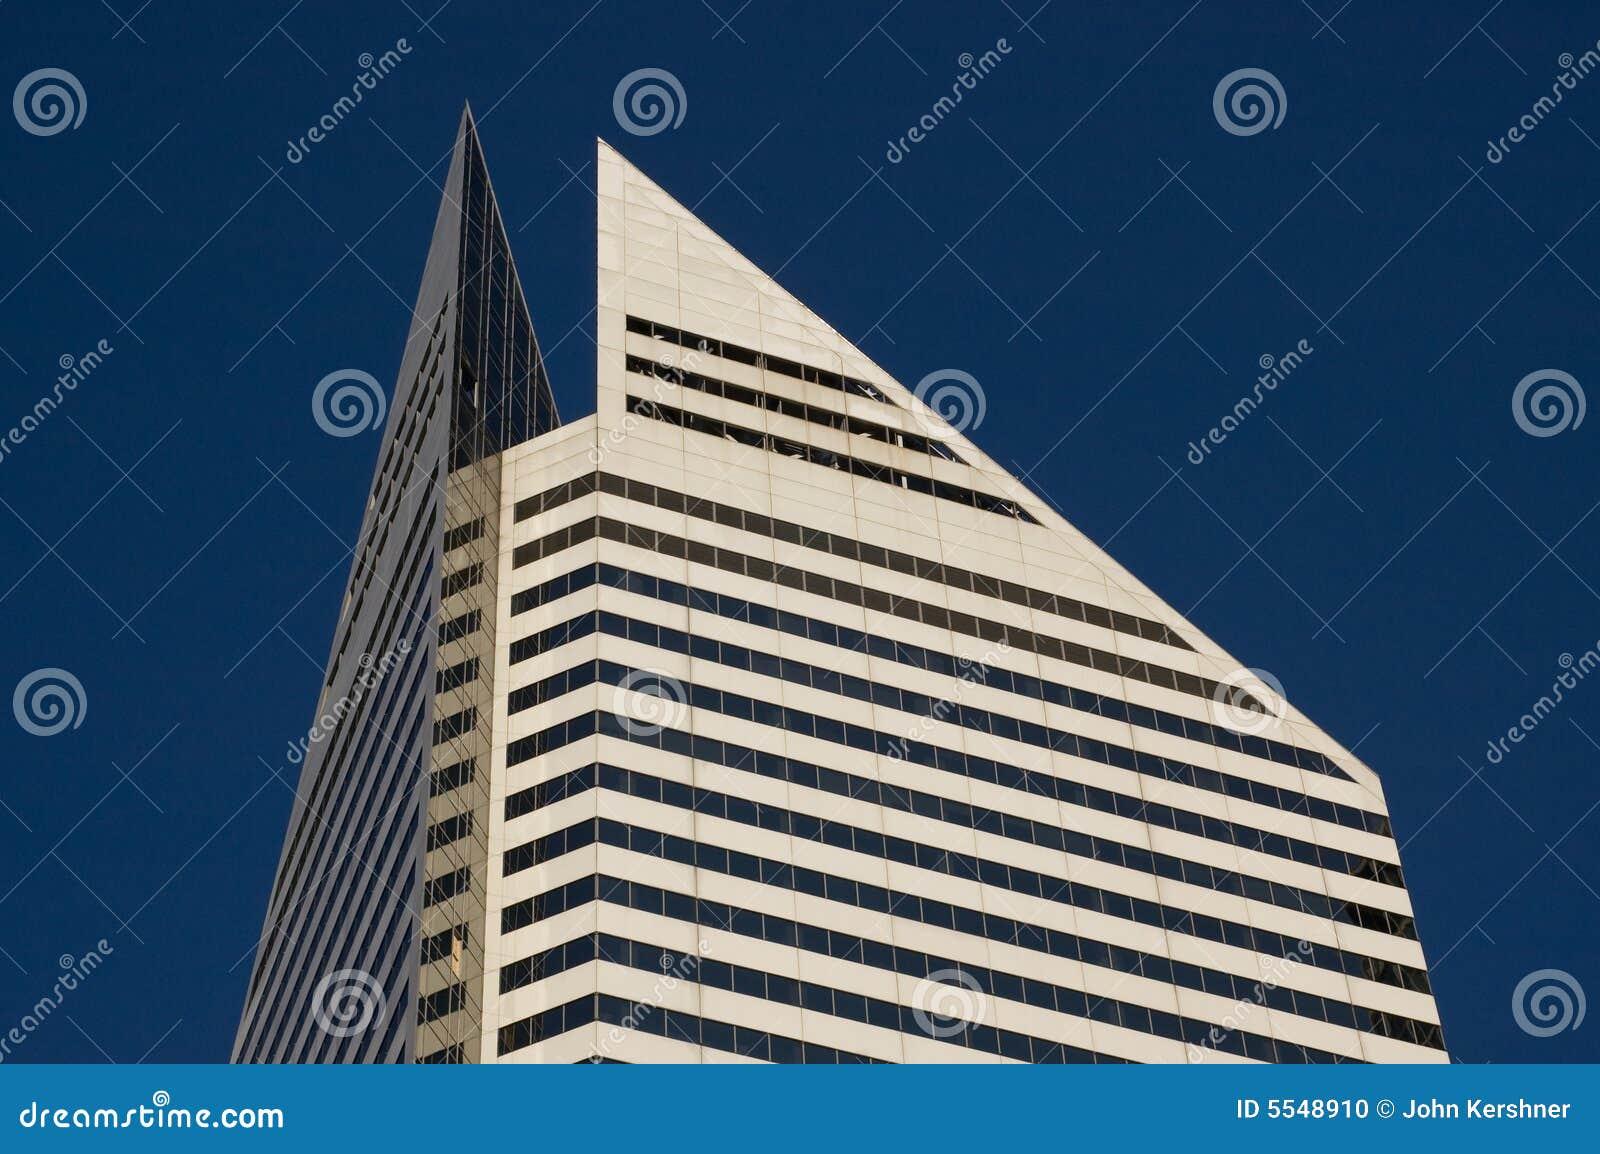 Diamond Building Stock Photo Image 5548910